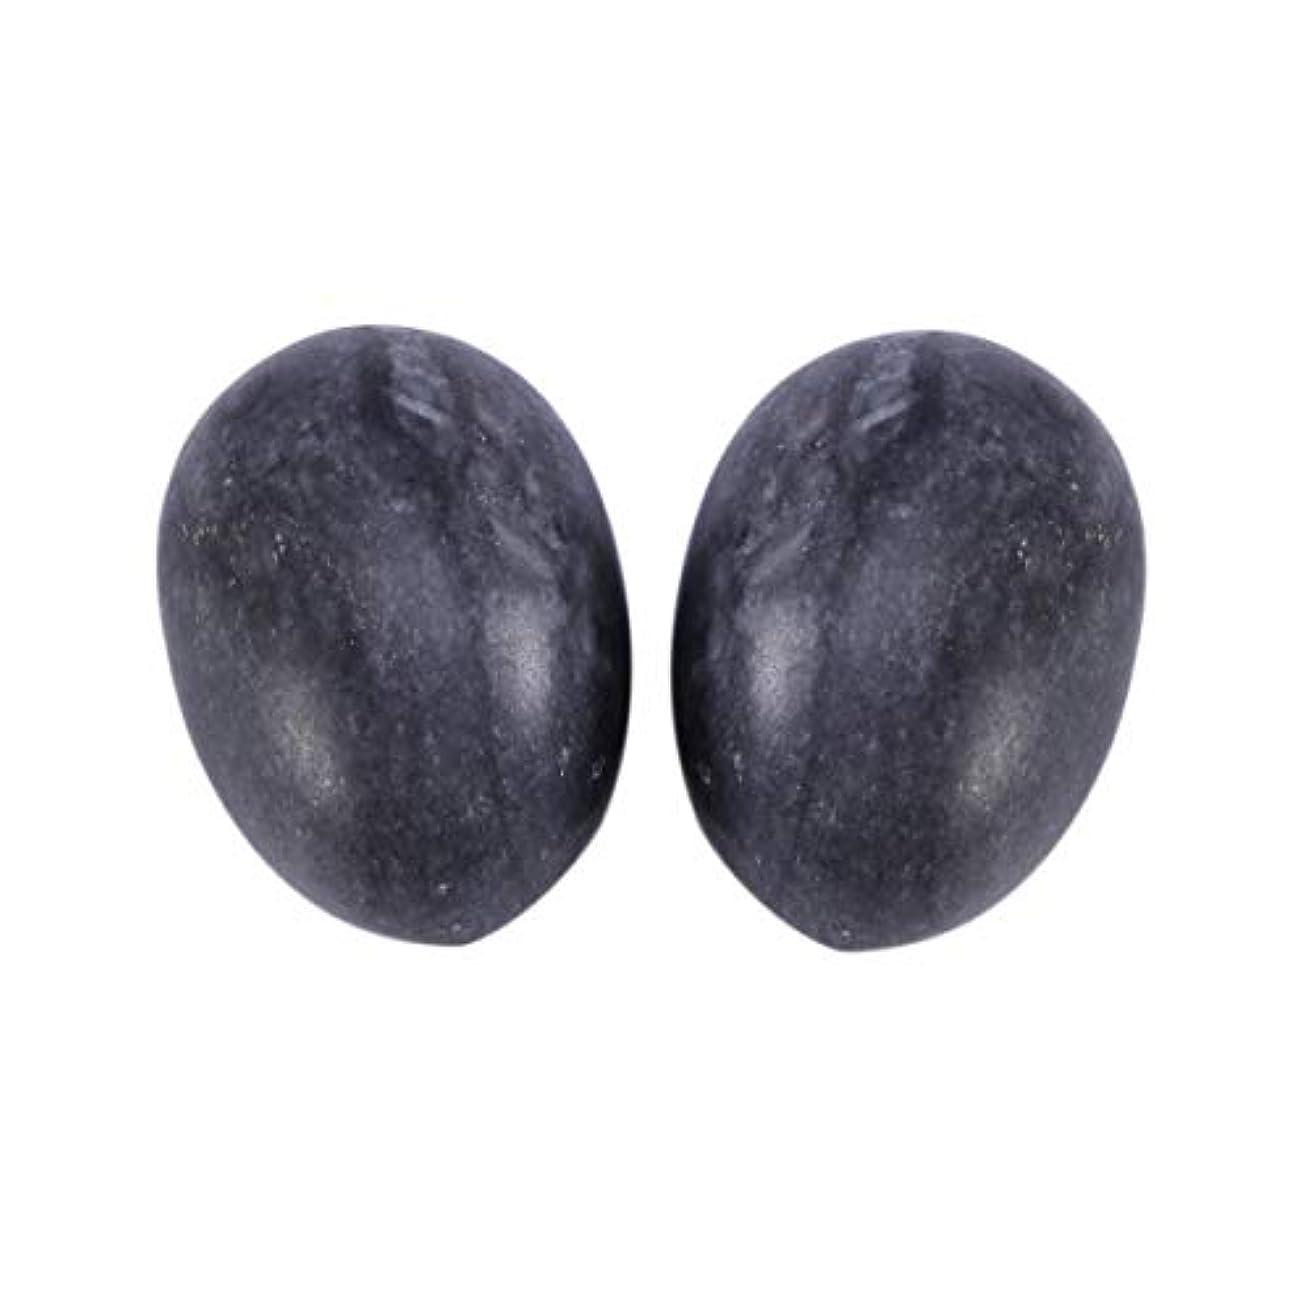 グラディスアンソロジースライムHealifty 妊娠中の女性のためのマッサージボール6個玉ヨードエッグ骨盤底筋マッサージ運動膣締め付けボールヘルスケア(ブラックブルー)